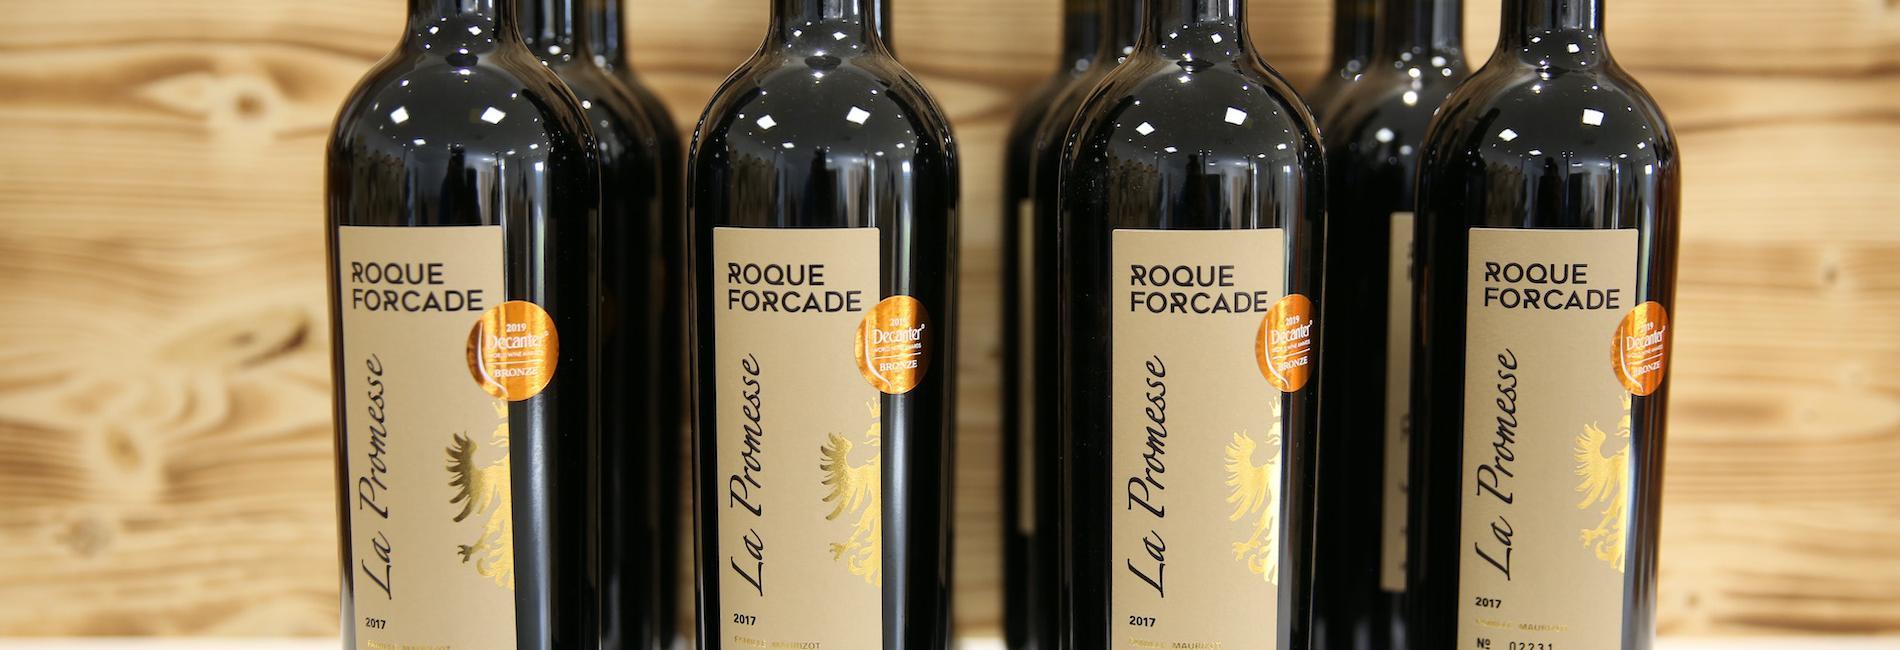 Production de vins du terroir